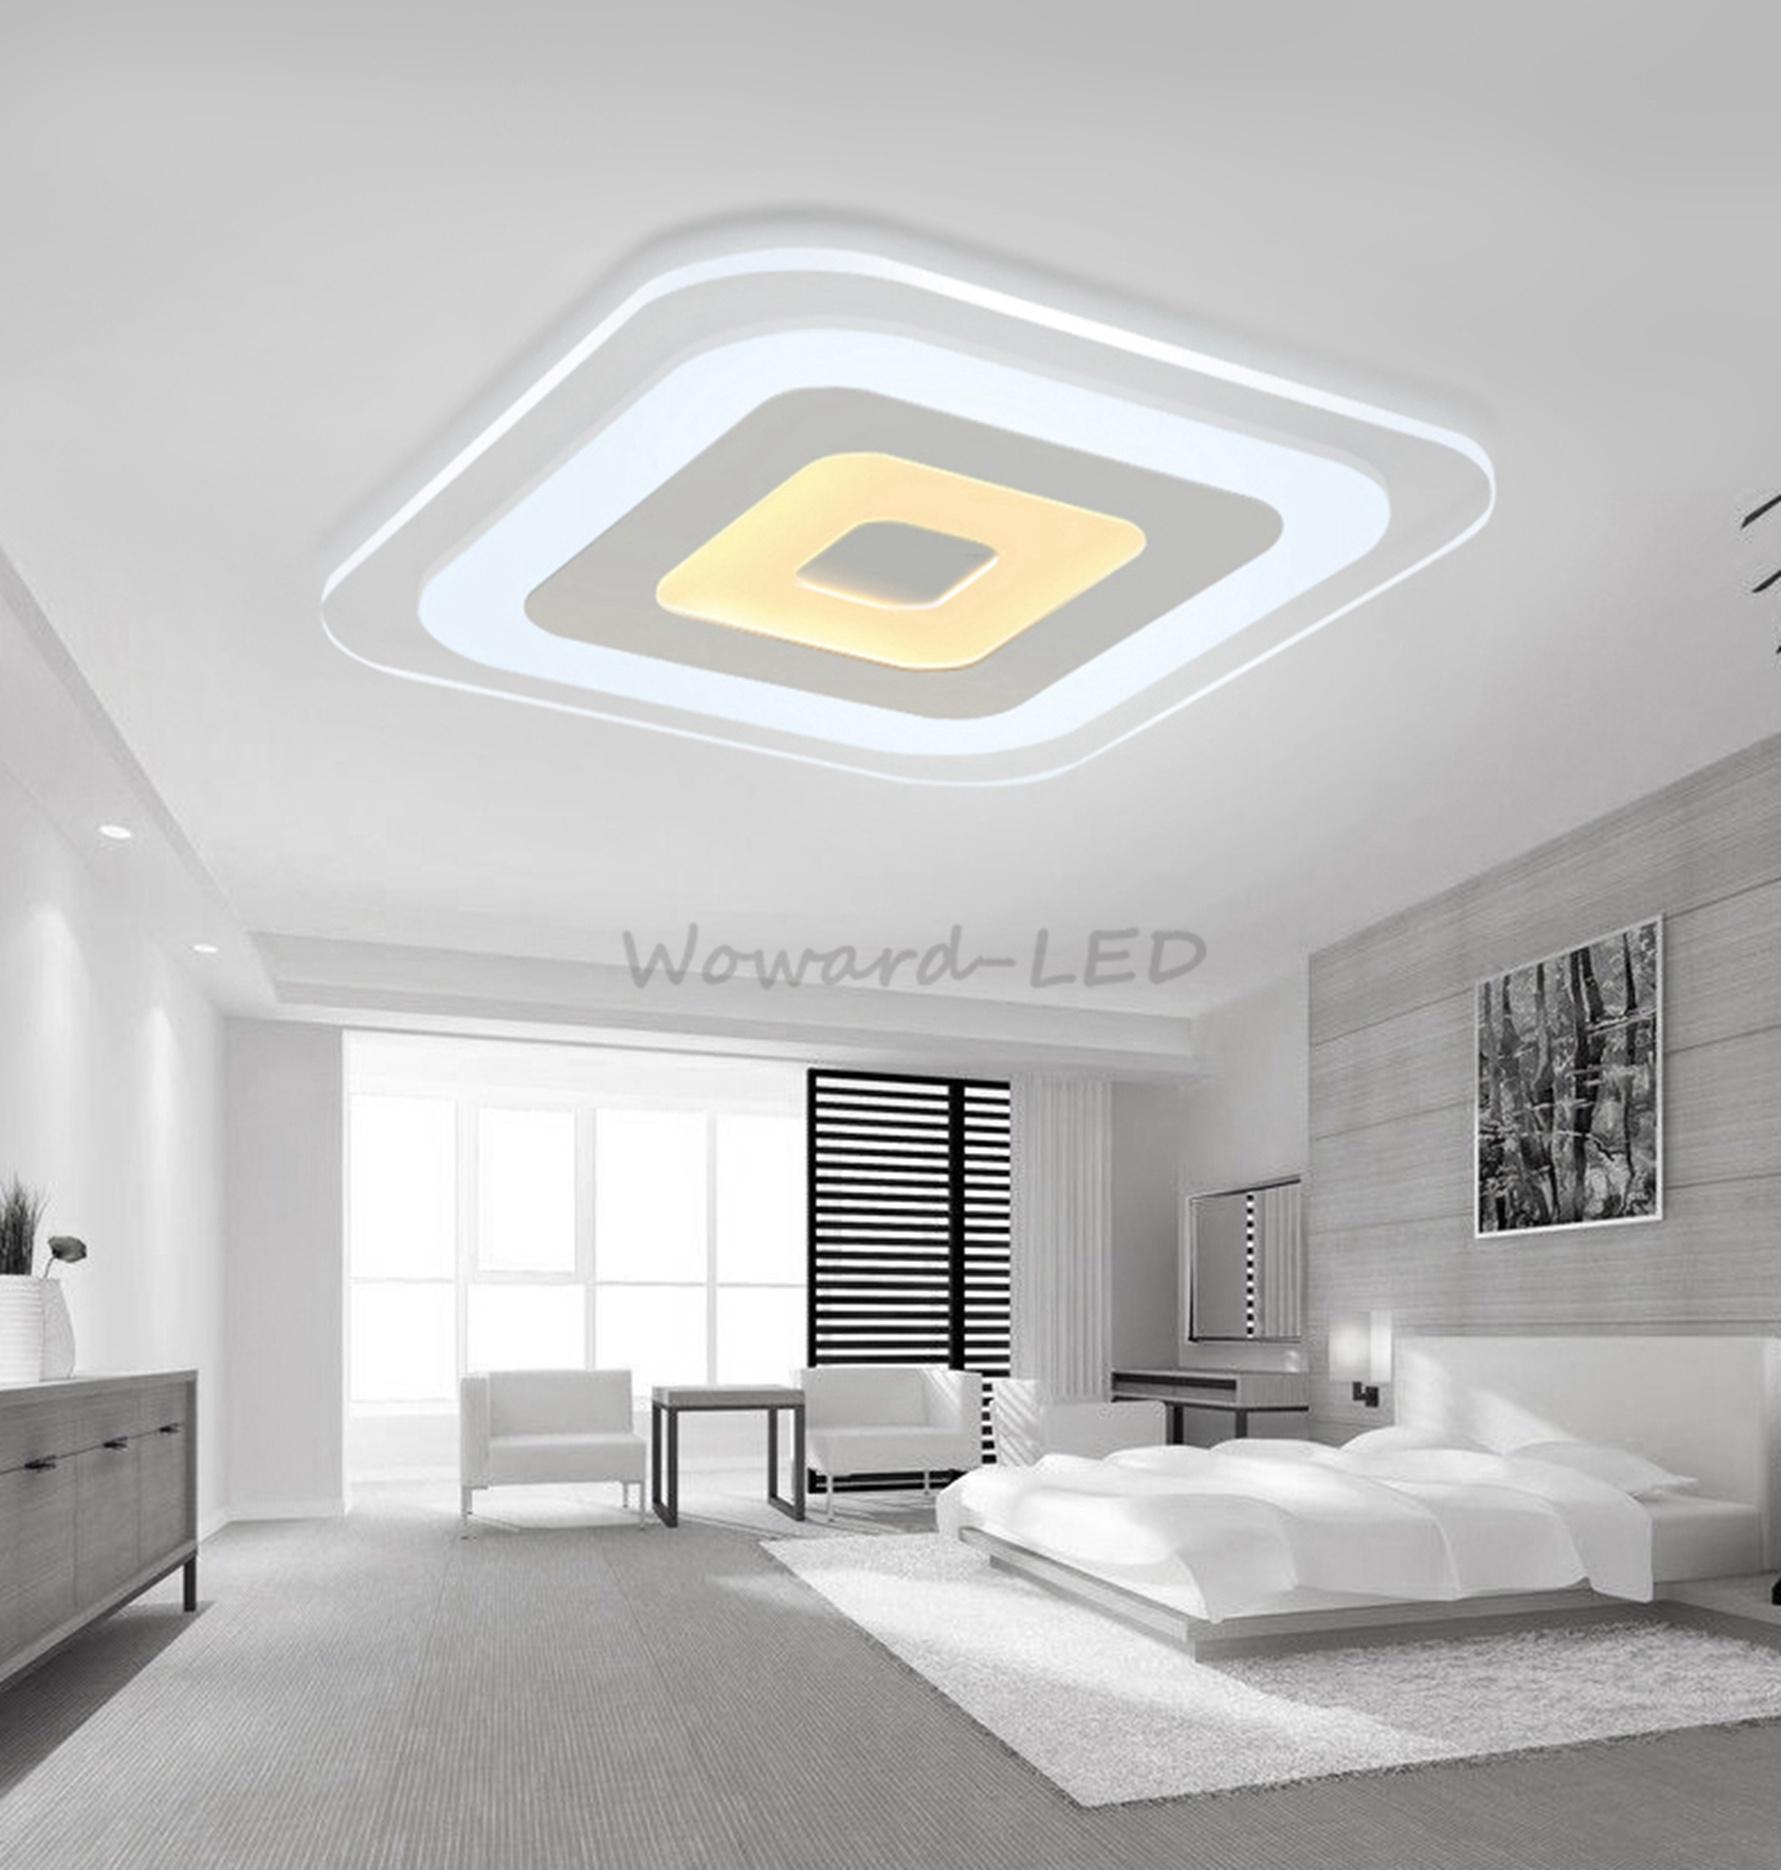 Wow led deckenlampe deckenleuchte 16w bis 143w dimmbar for Deckenlampe viereckig